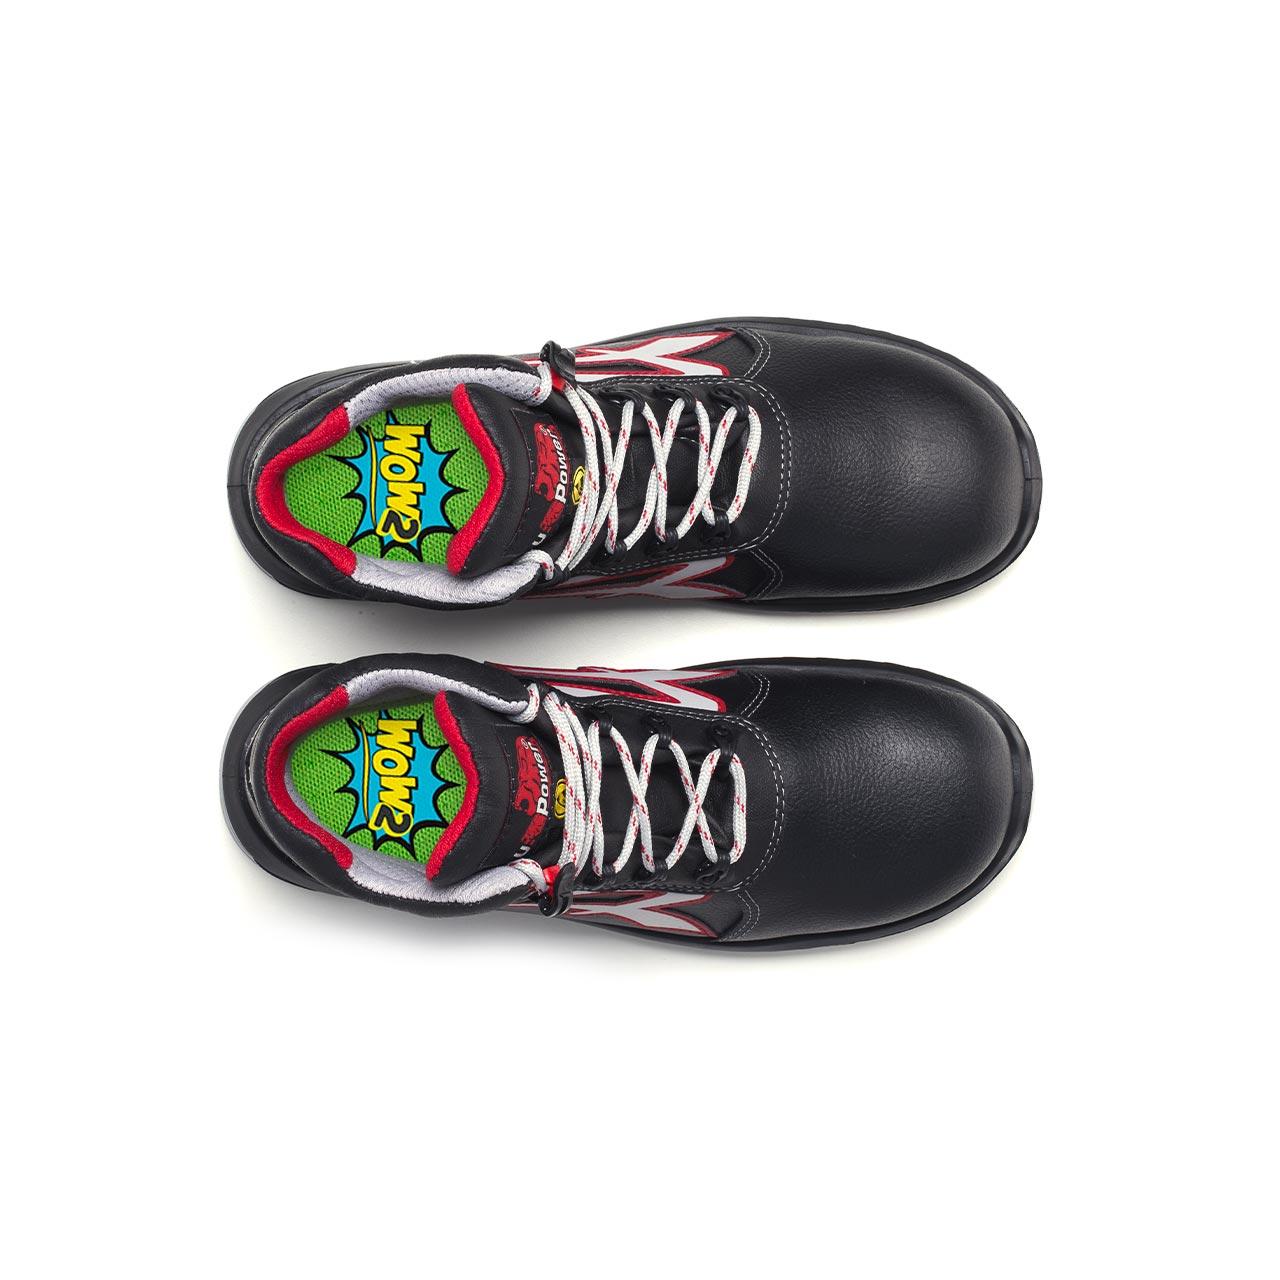 paio di scarpe antinfortunistiche alte upower modello boston linea redindustry vista top